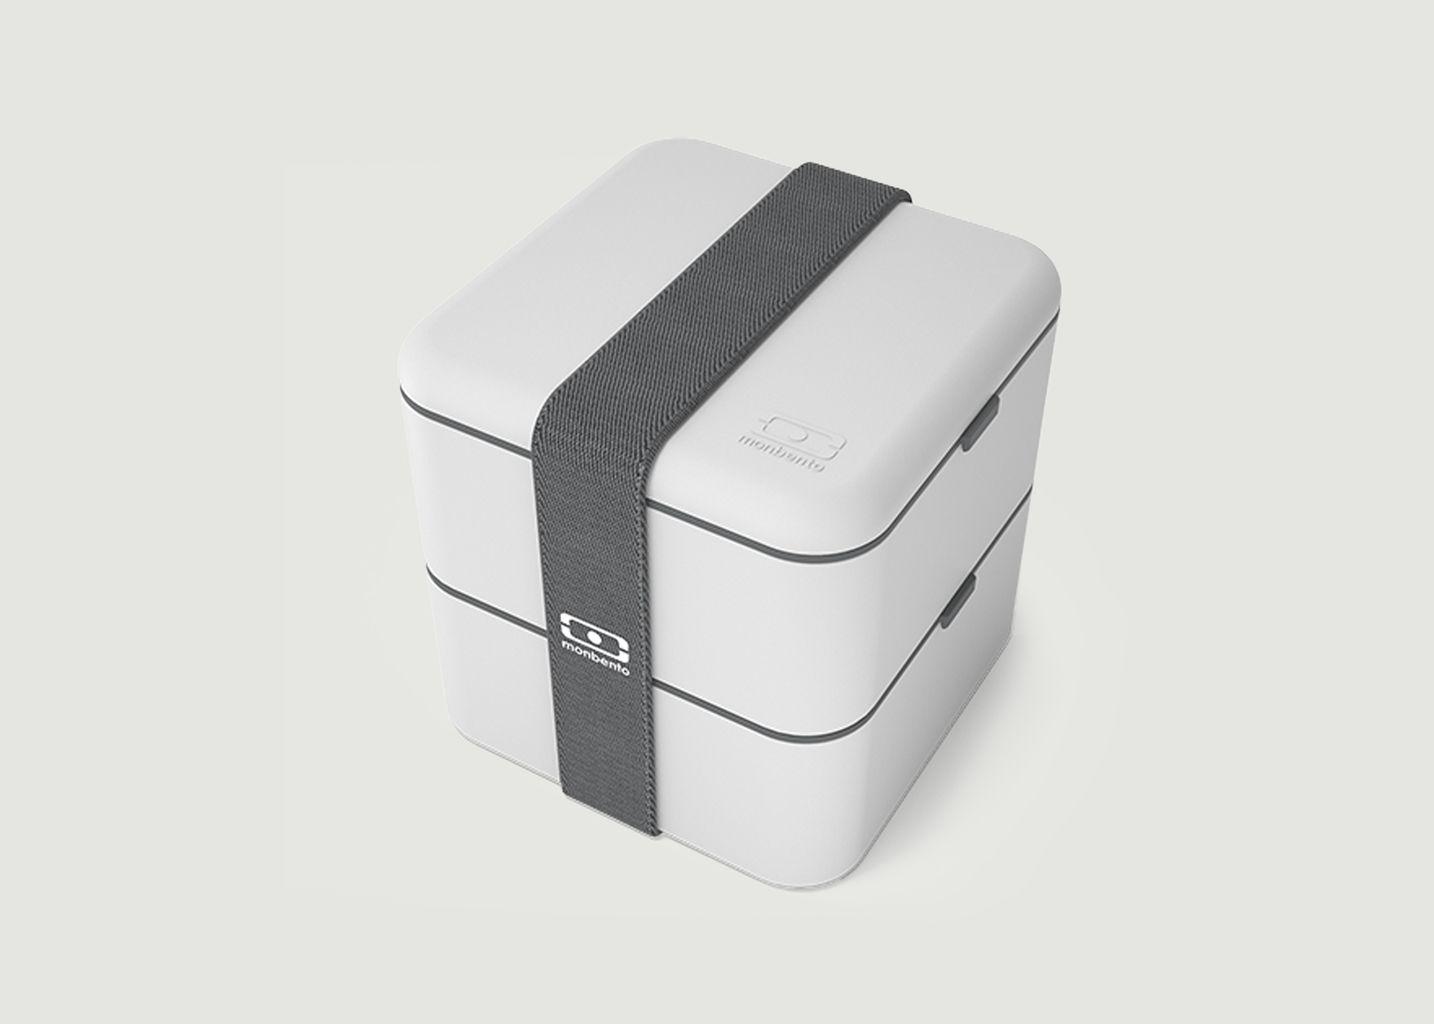 La boîte Bento carré - monbento